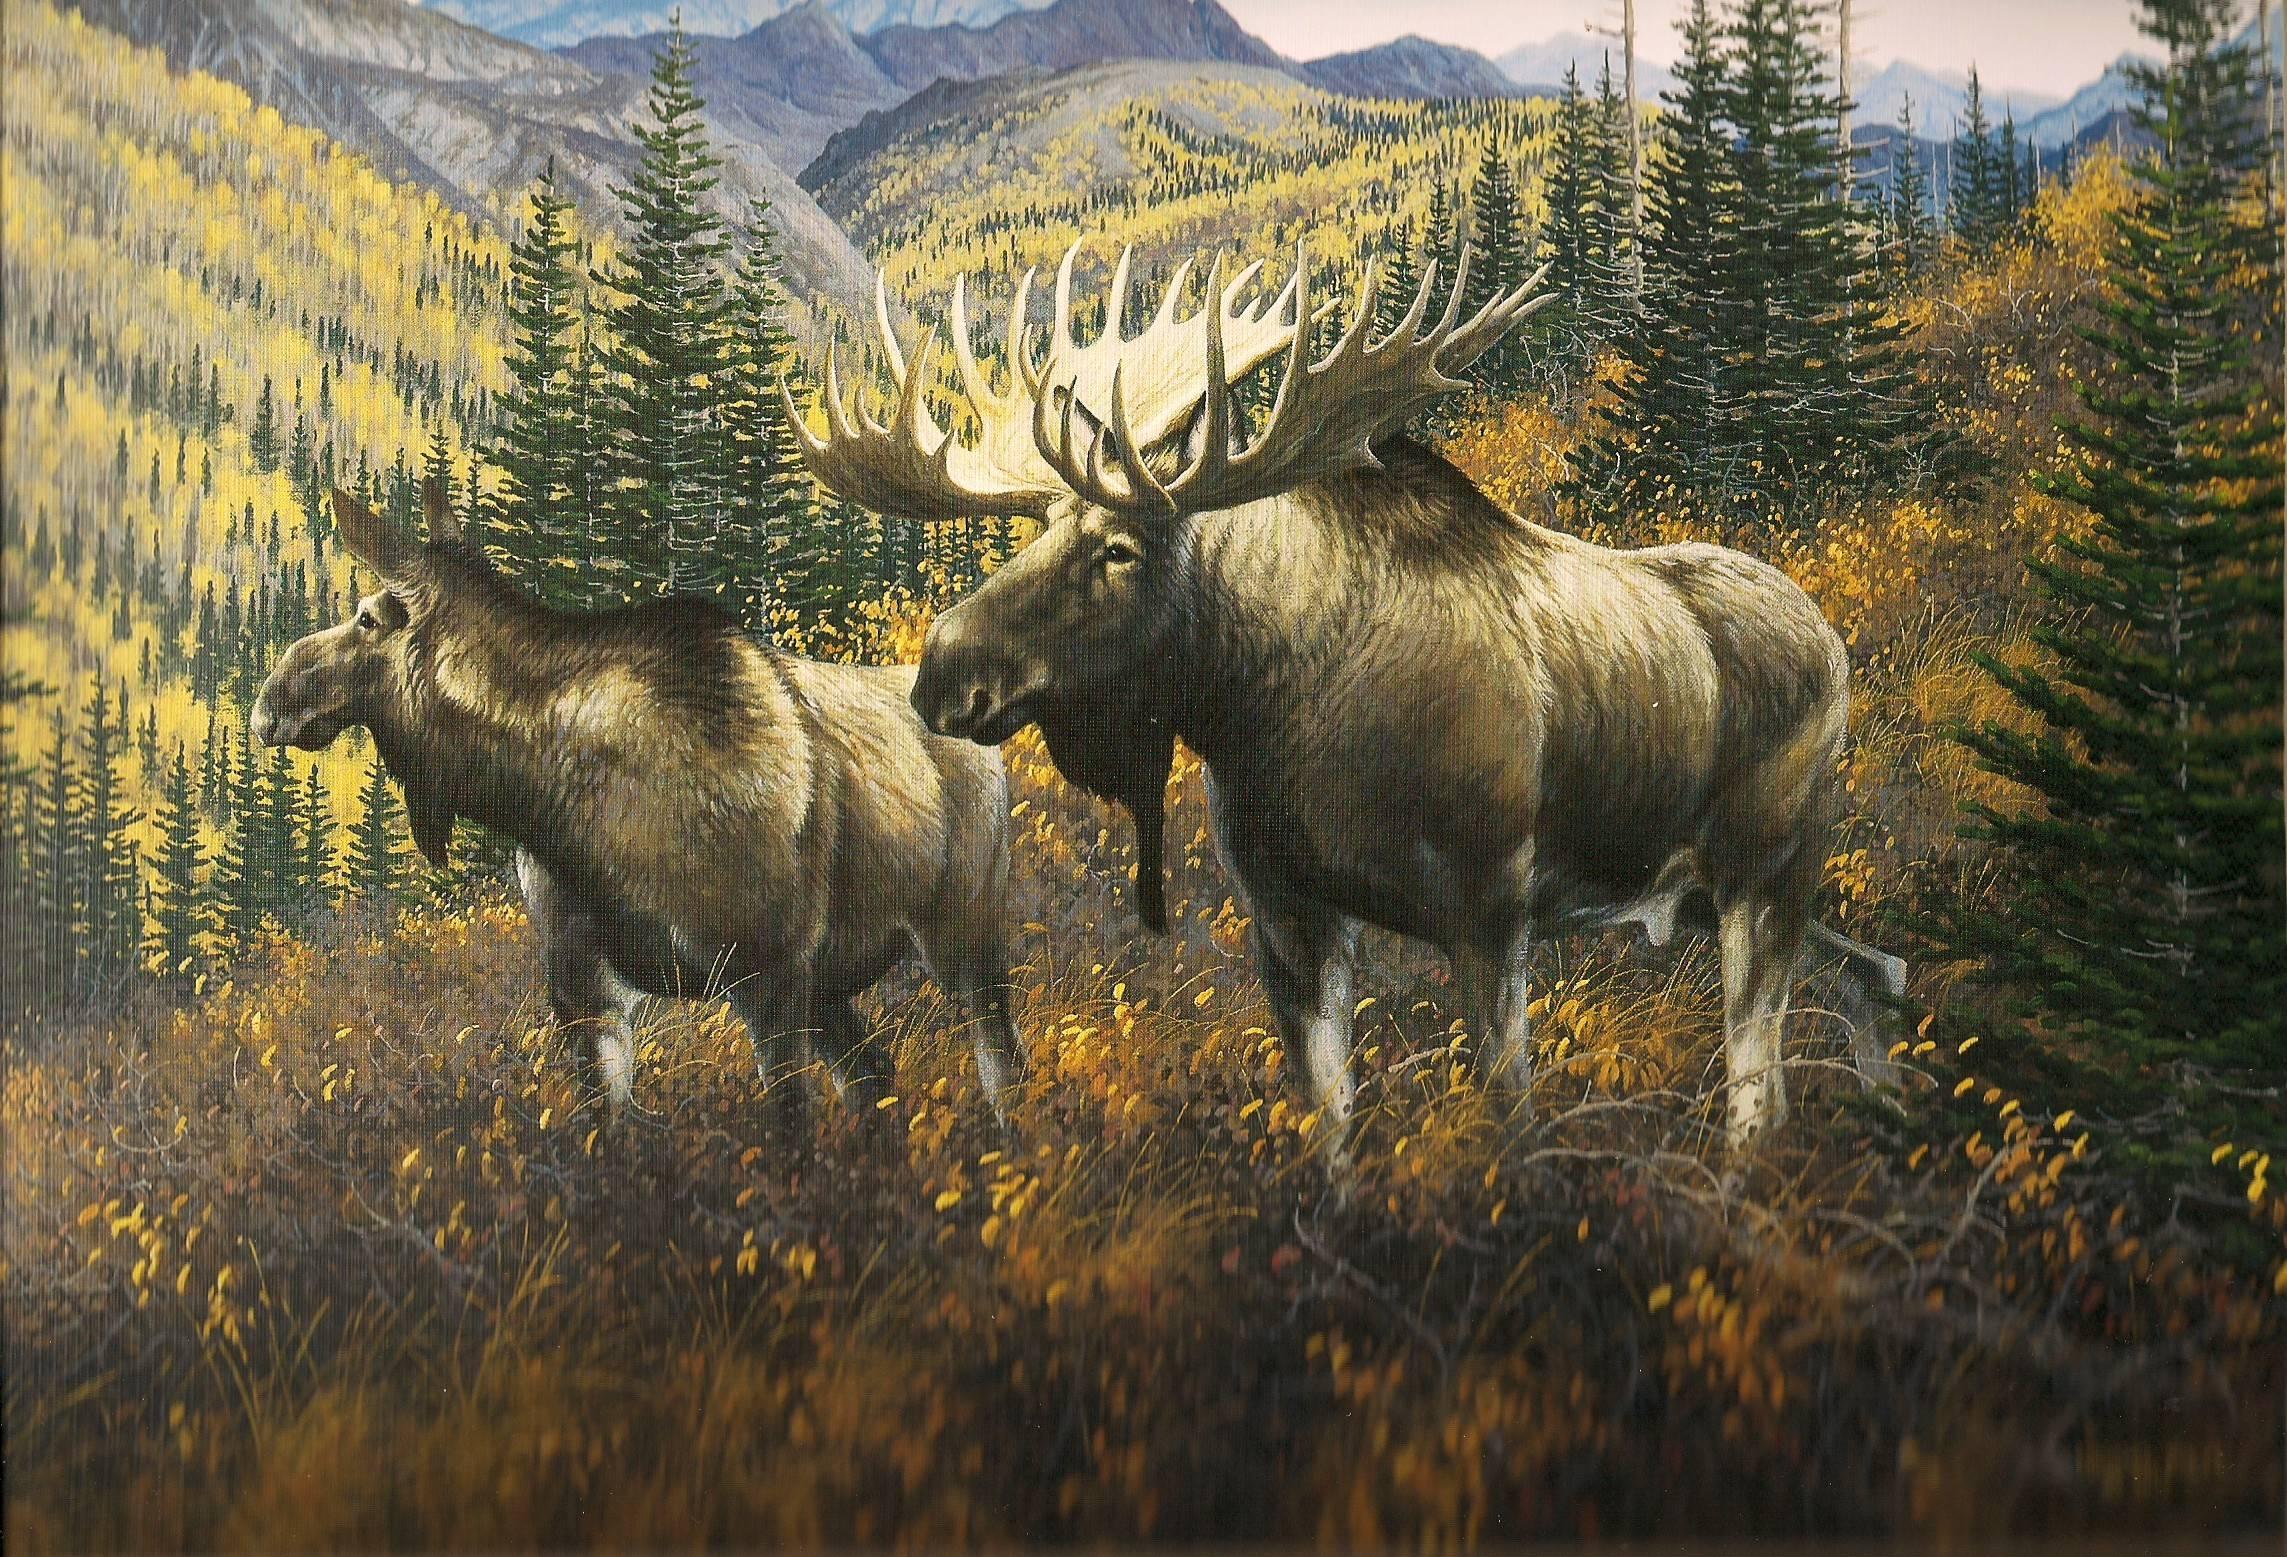 Bull moose wallpaper - photo#5